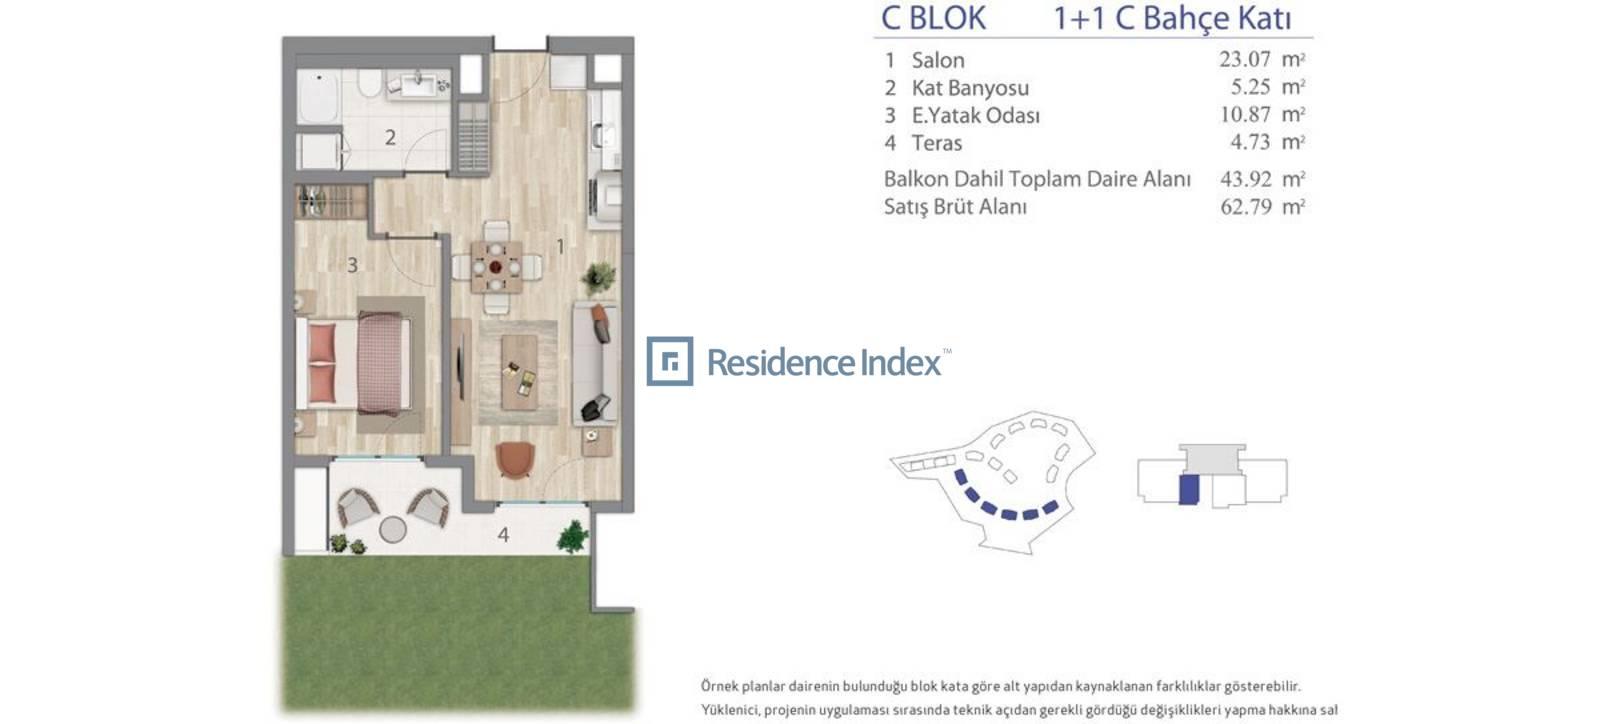 5.LEVENT C Blok Bahçe Katı C